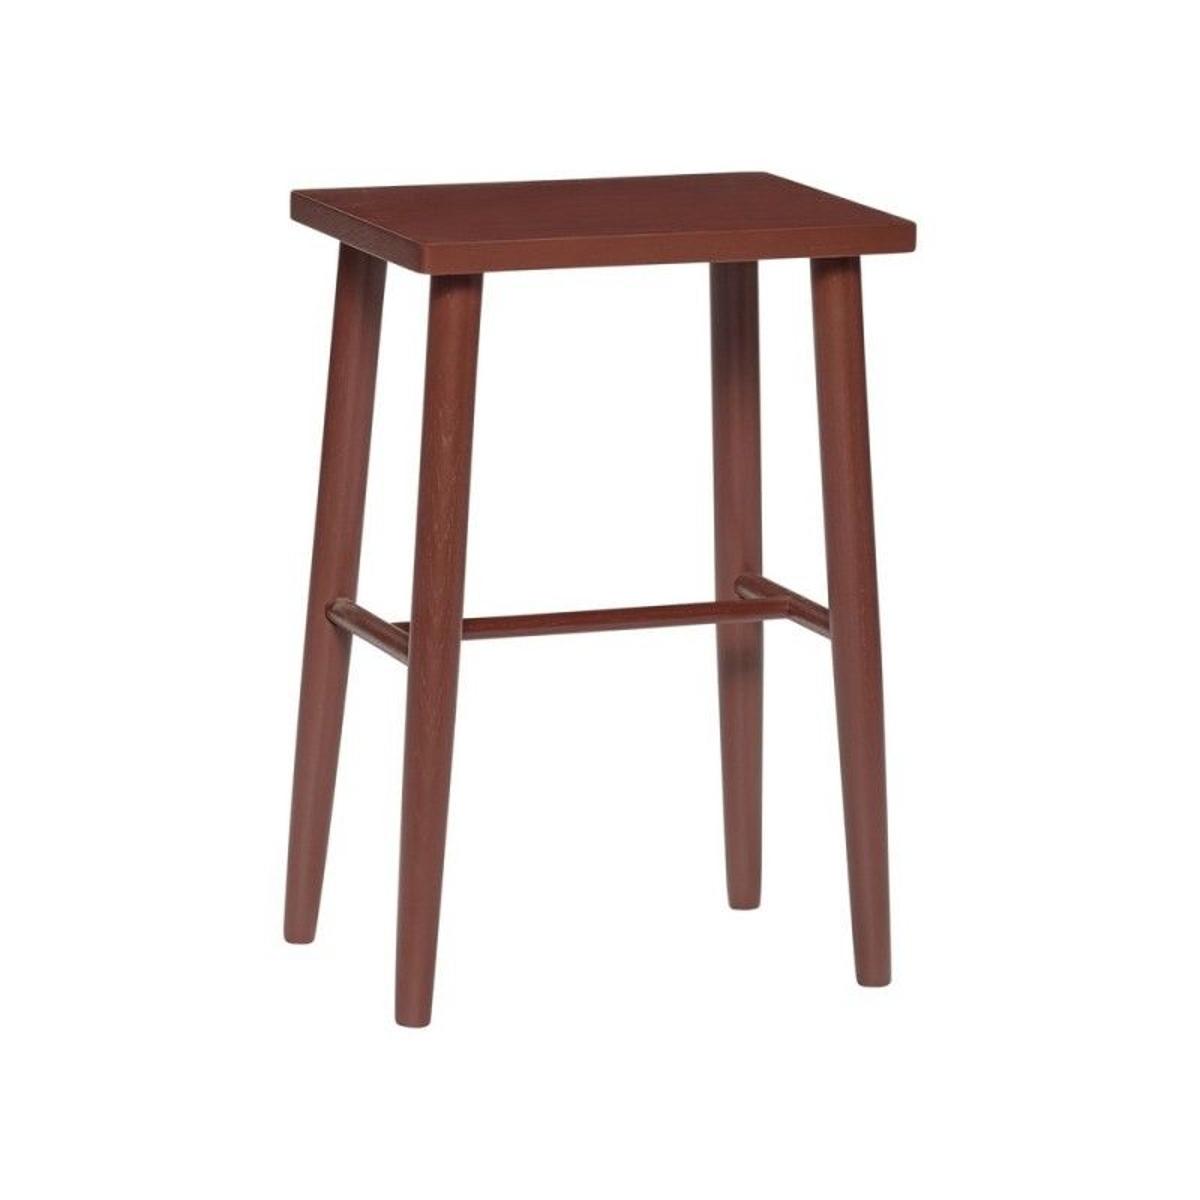 Tabouret design bois